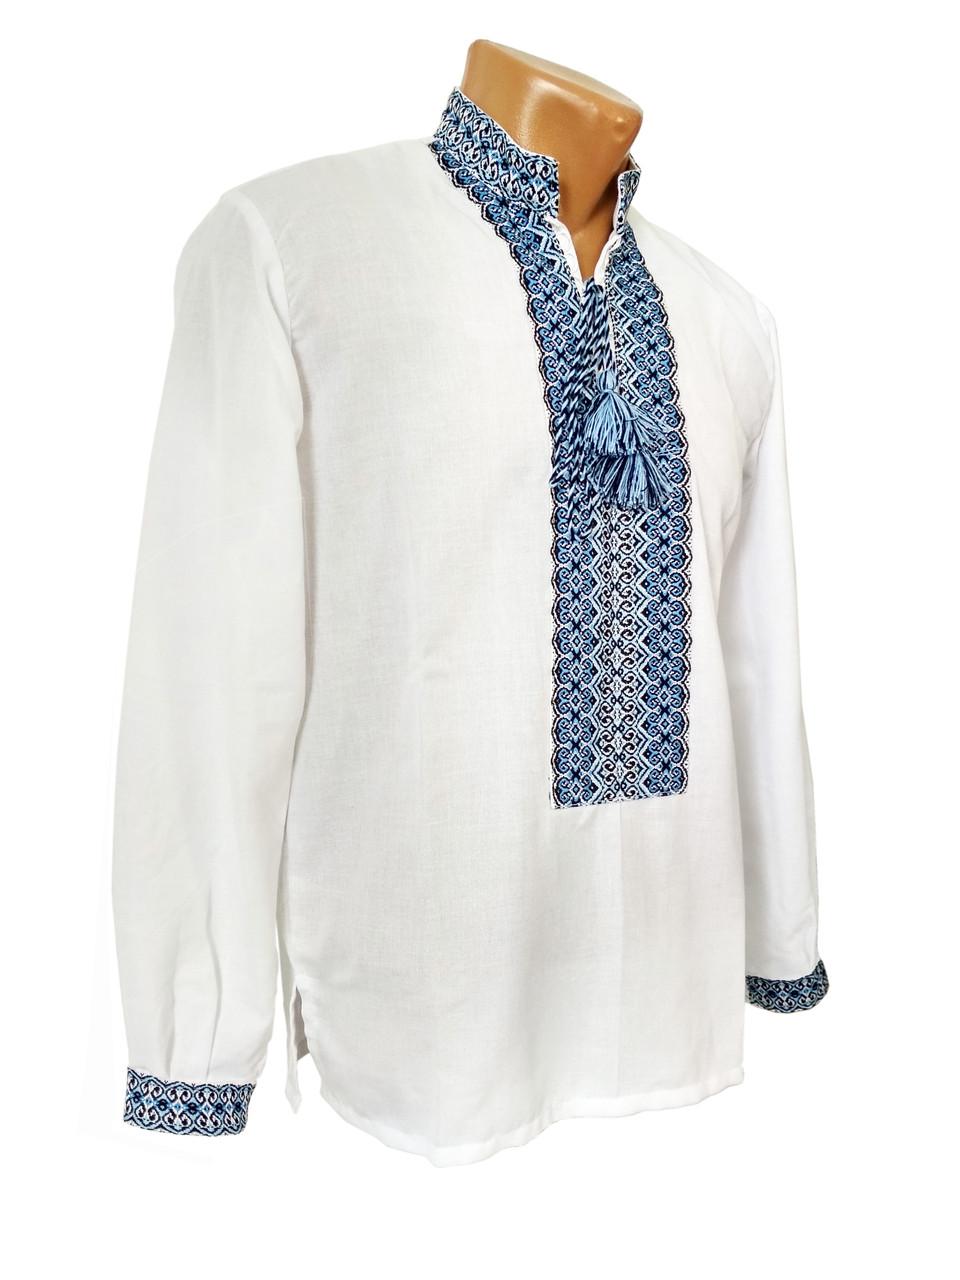 Рубашка Вышиванка мужская на домотканом хлопке р. 42 - 60